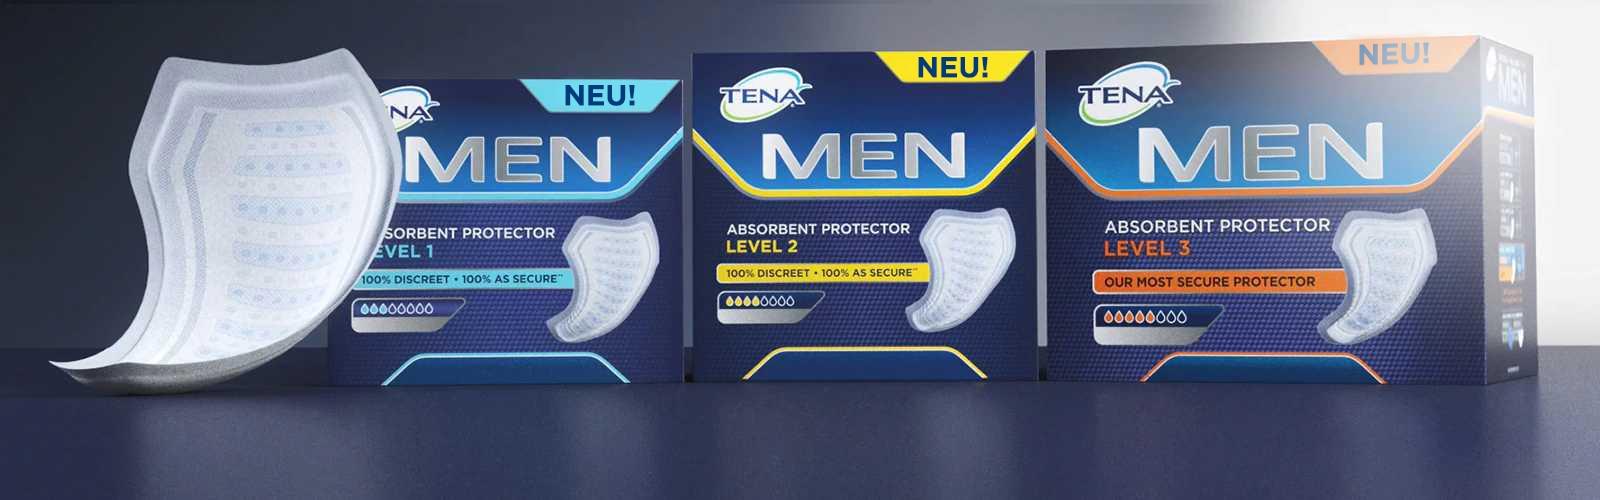 TENA MEN diskreter Schutz für unfreiwilligen Harnverlust